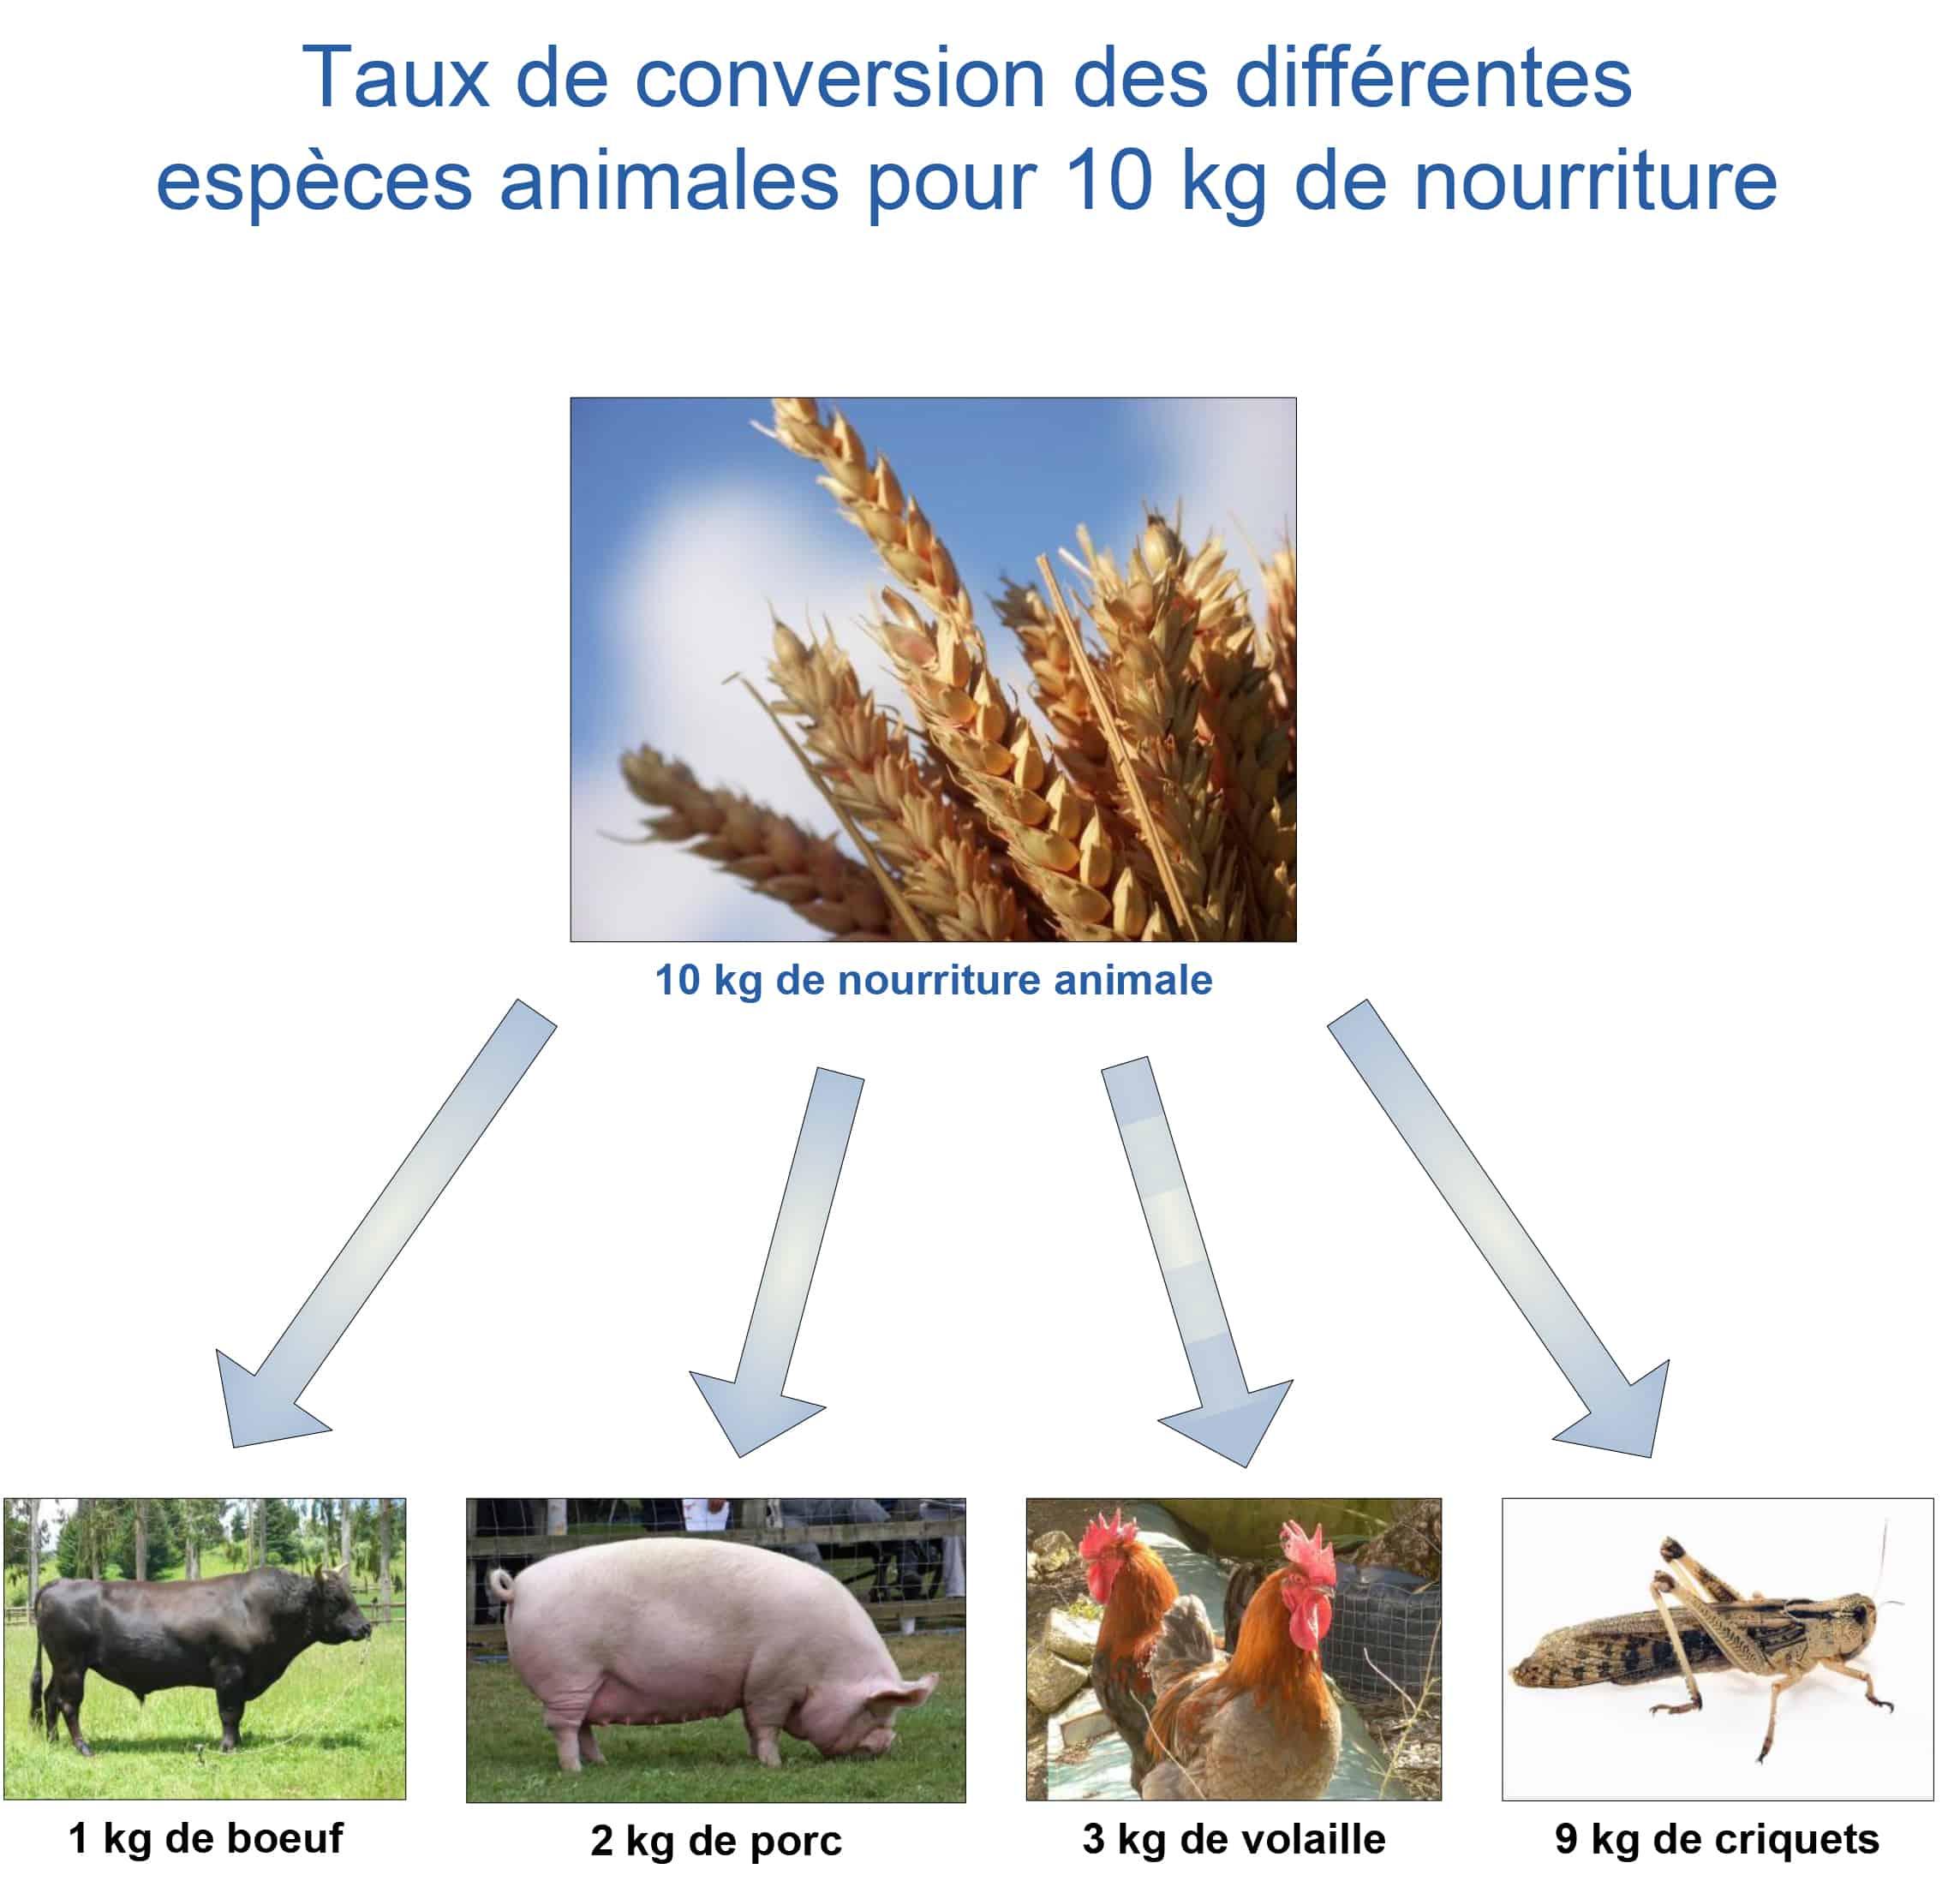 Taux de conversion des différentes espèces animales pour 10 kg de nourriture